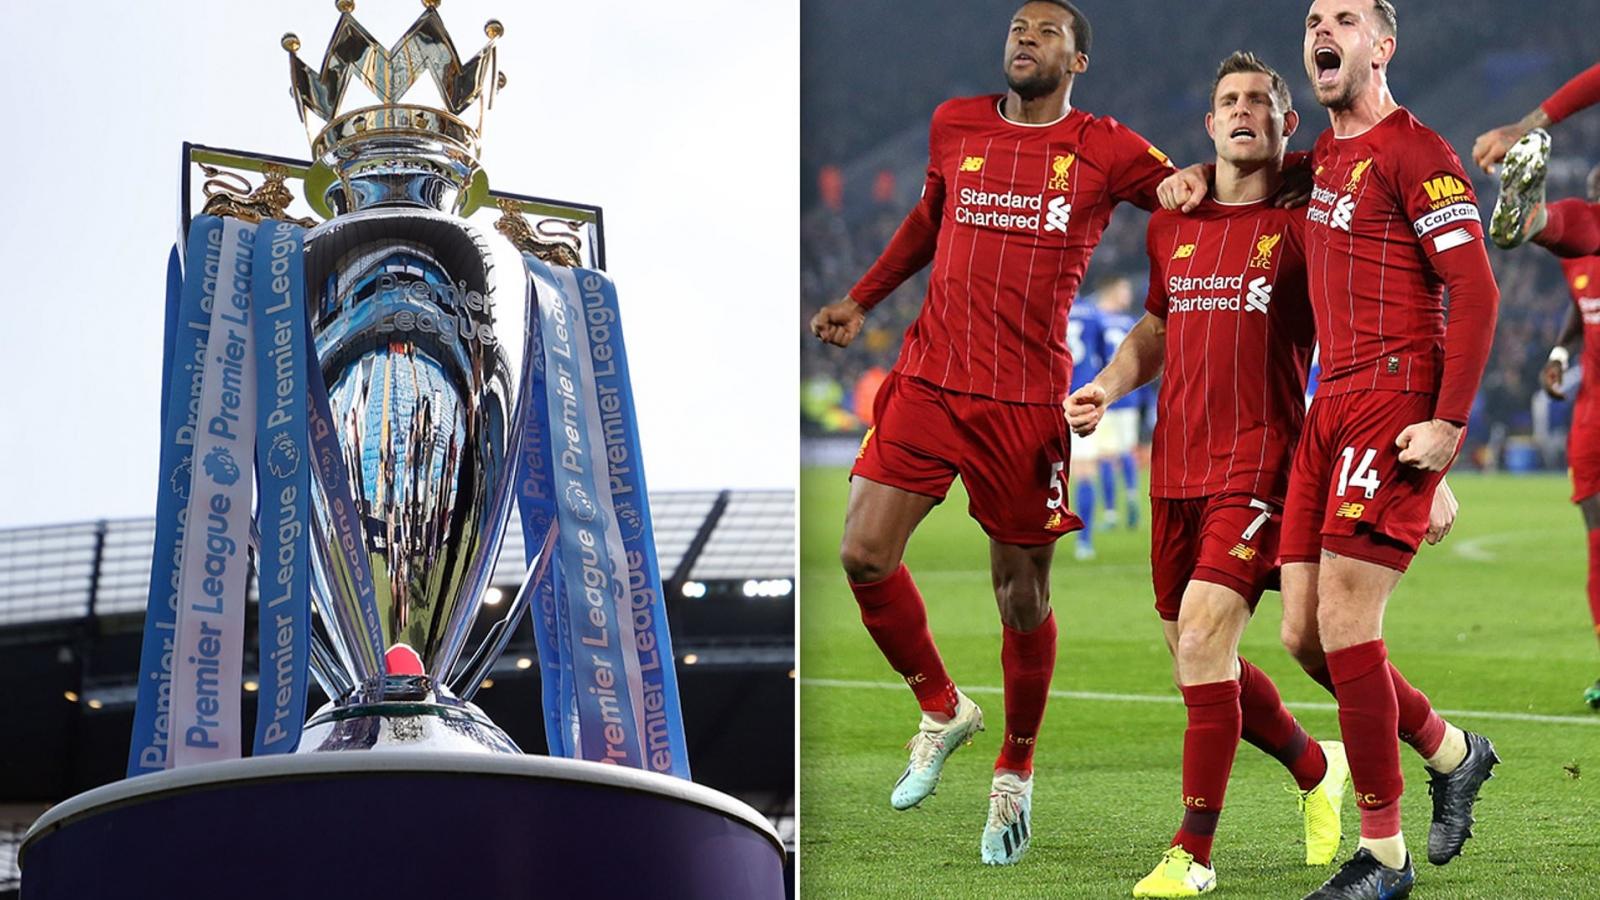 Premier League lên kế hoạch trở lại thi đấu vào đầu tháng 6